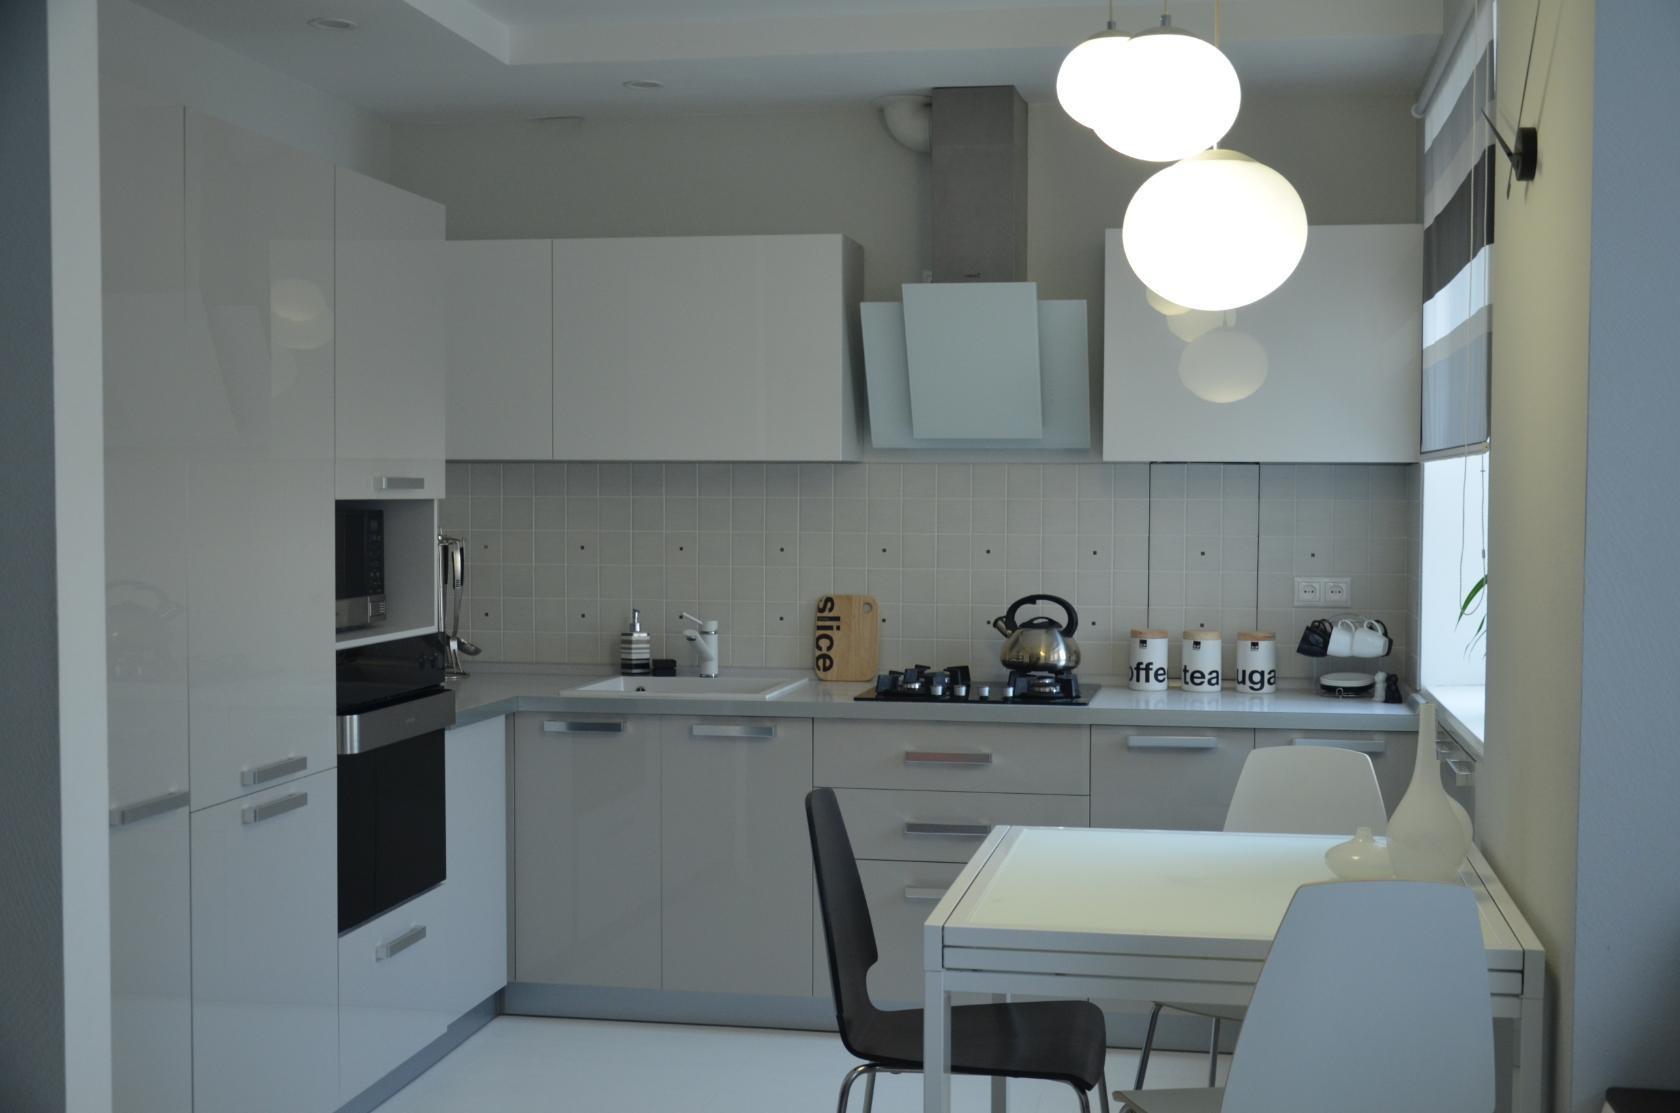 Кухня в стиле минимализм 62 фото дизайн минималистичного интерьера выбираем современный кухонный гарнитур для светлой кухни размером 9 кв м в стиле минимализм